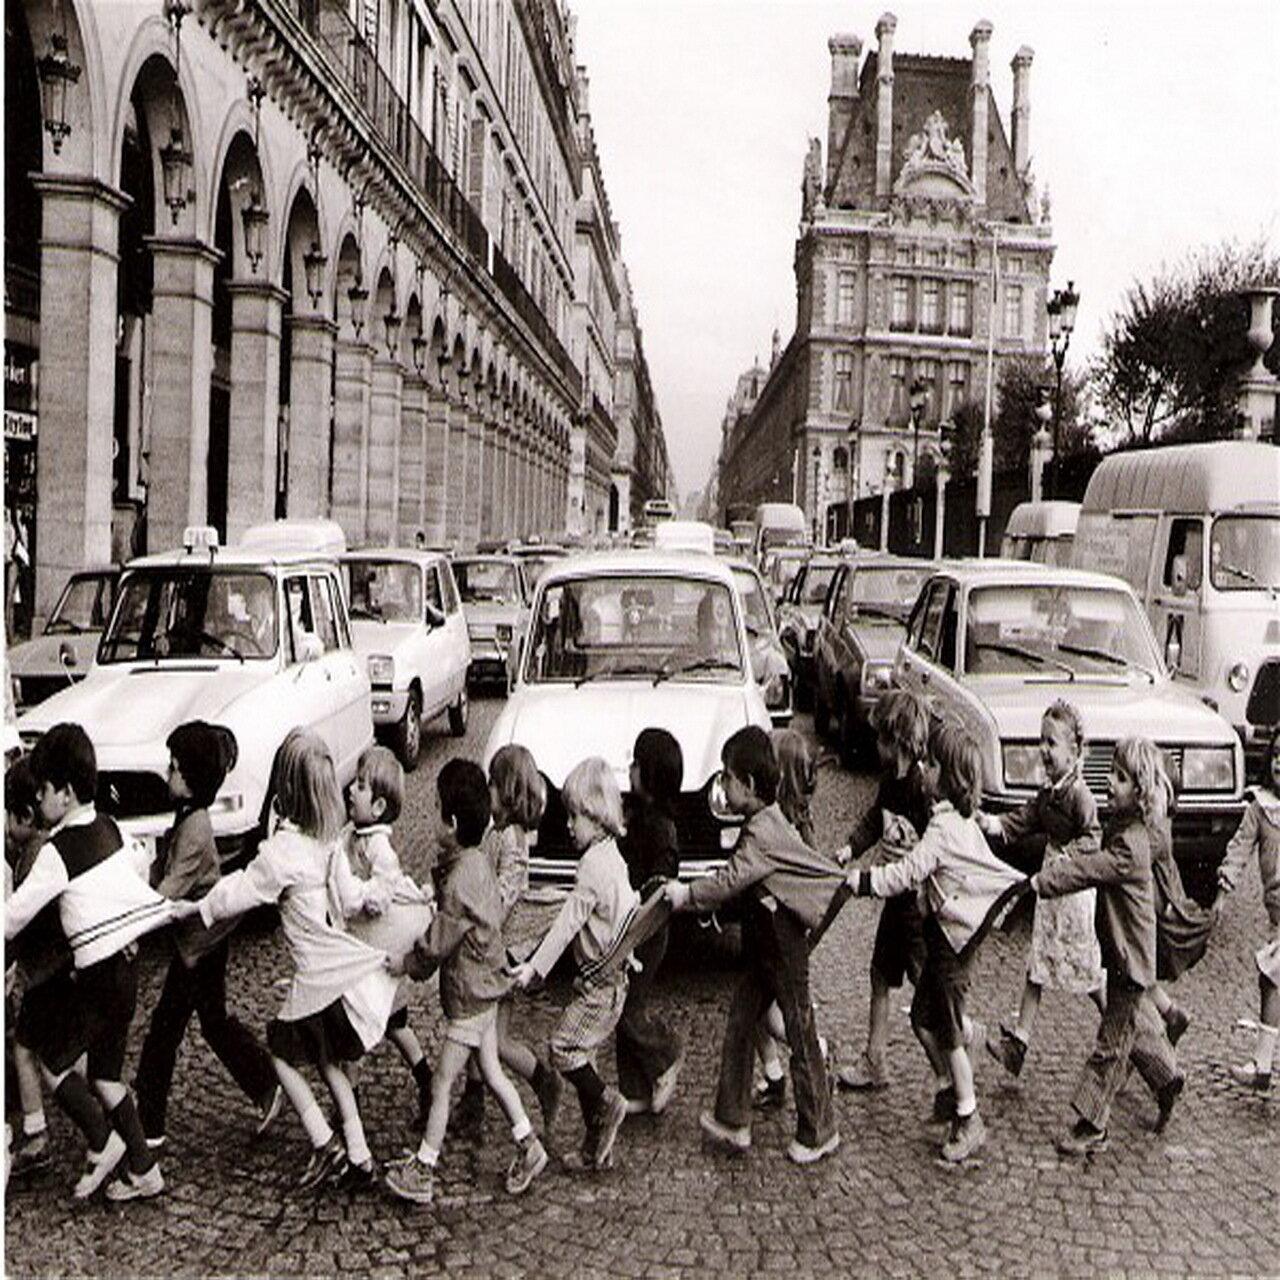 1978. Школьники на улице Риволи в Париже